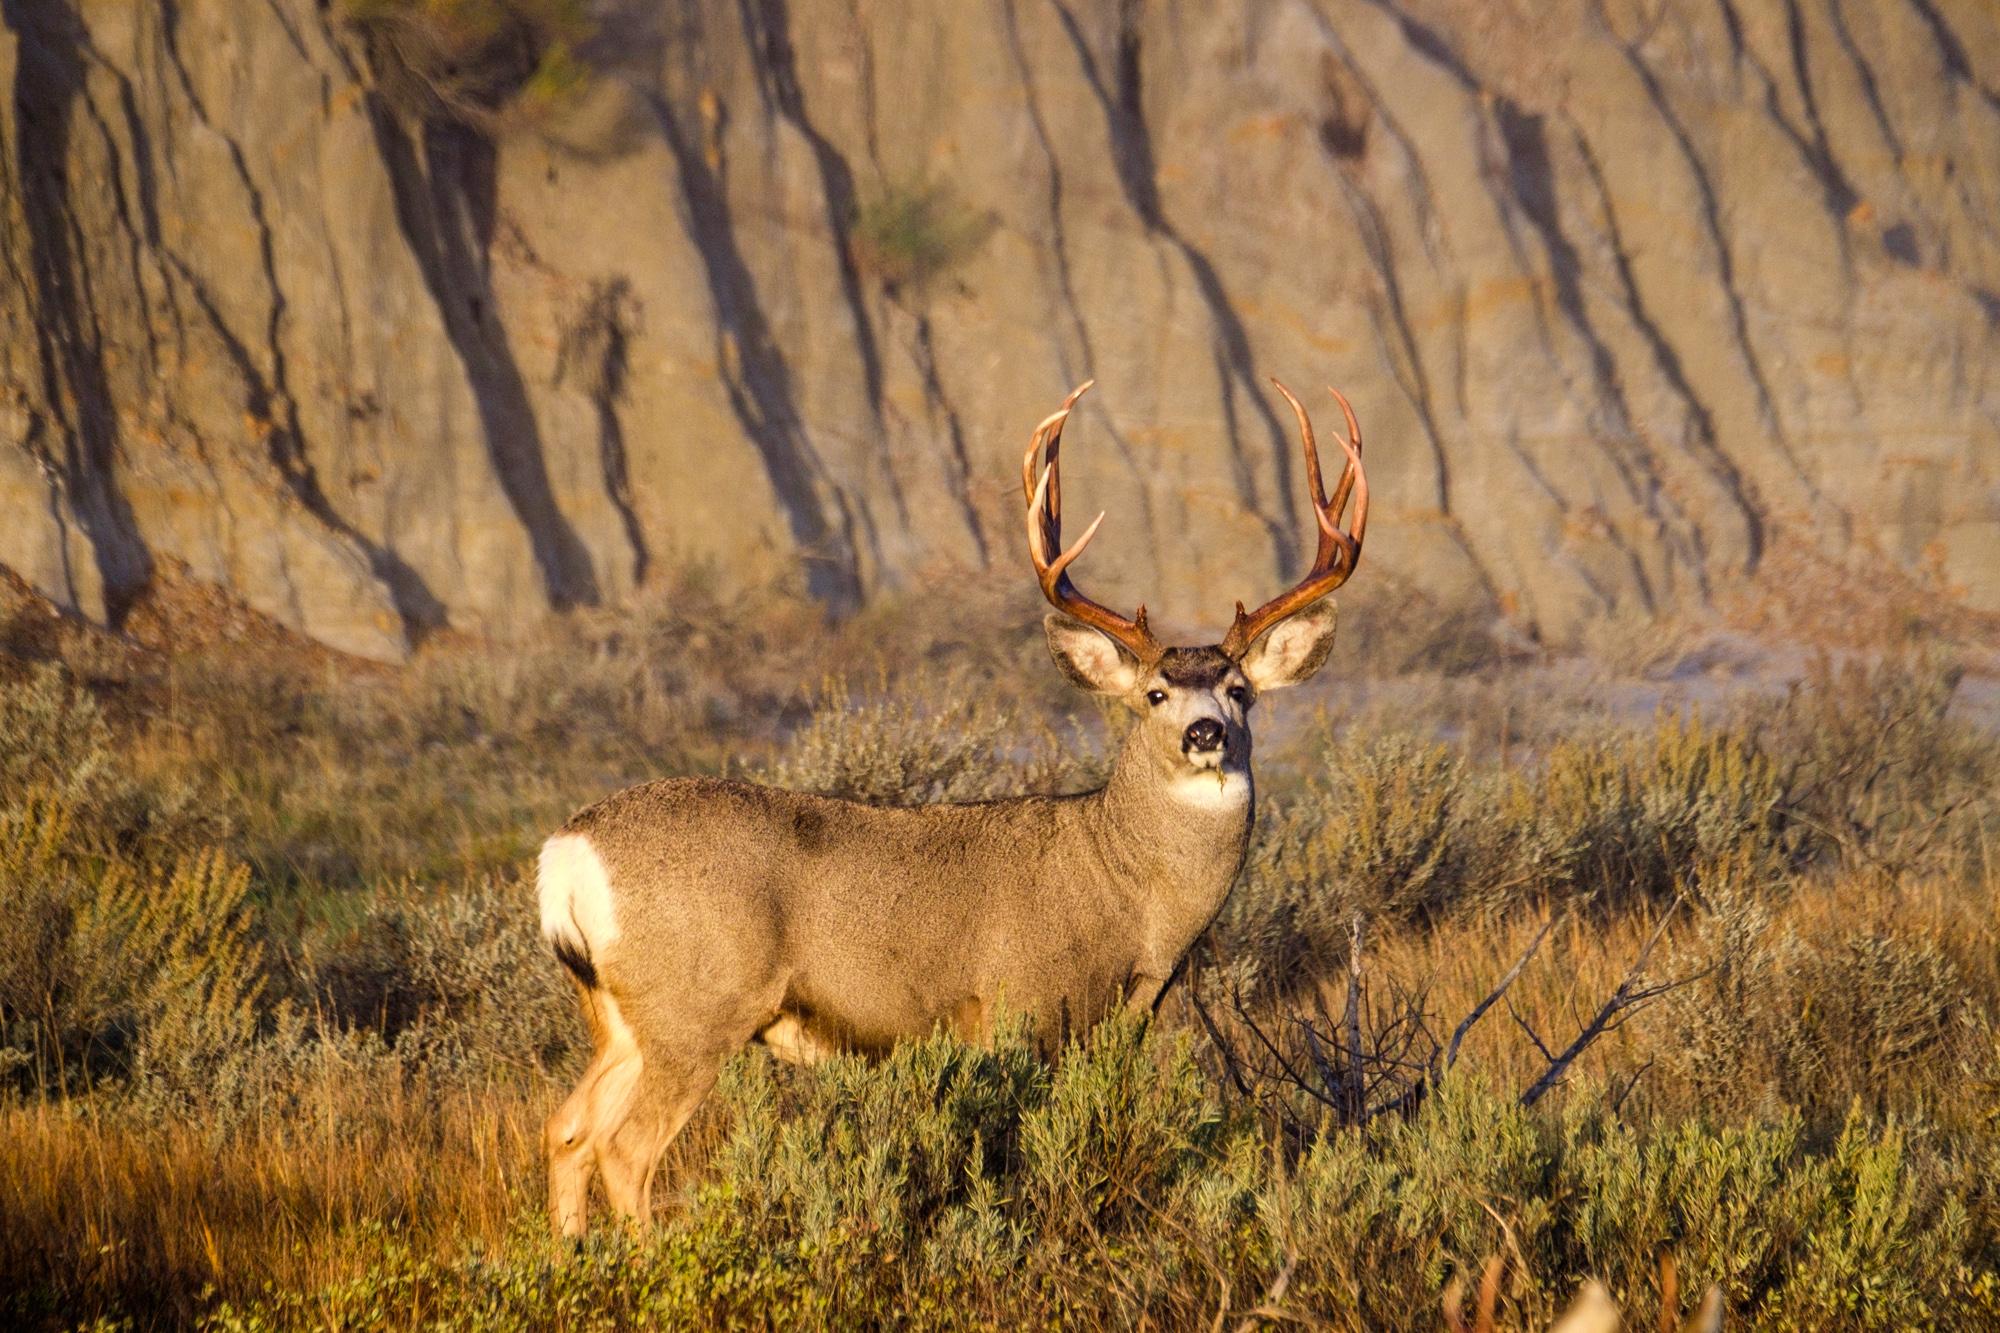 A fully grown male mule deer.